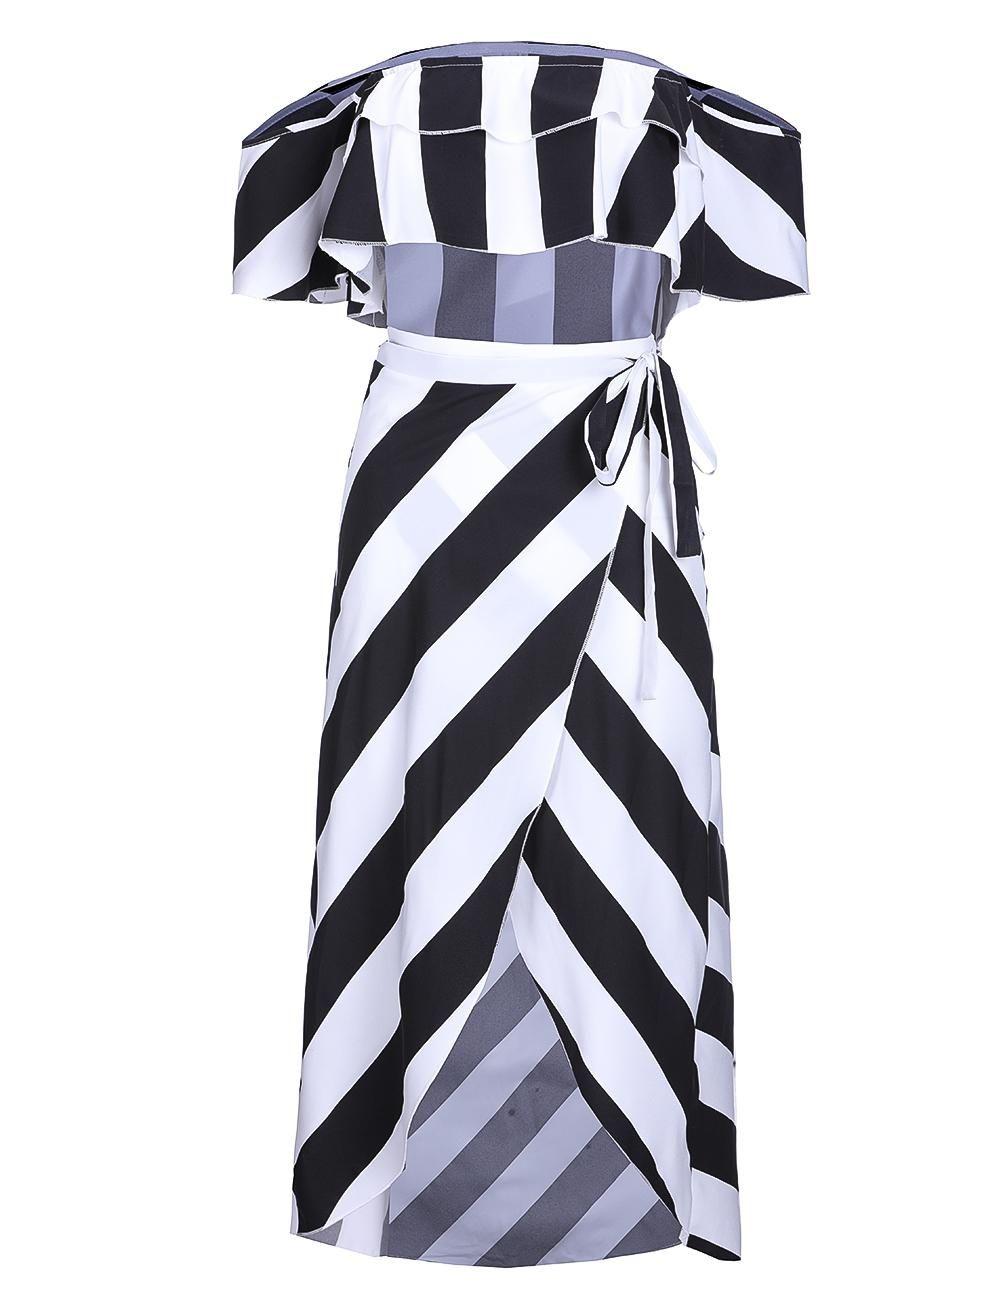 265a960690 Fashion Hequeen Crop Top And Skirt Set Ruffles 2 Piece Set Women ...